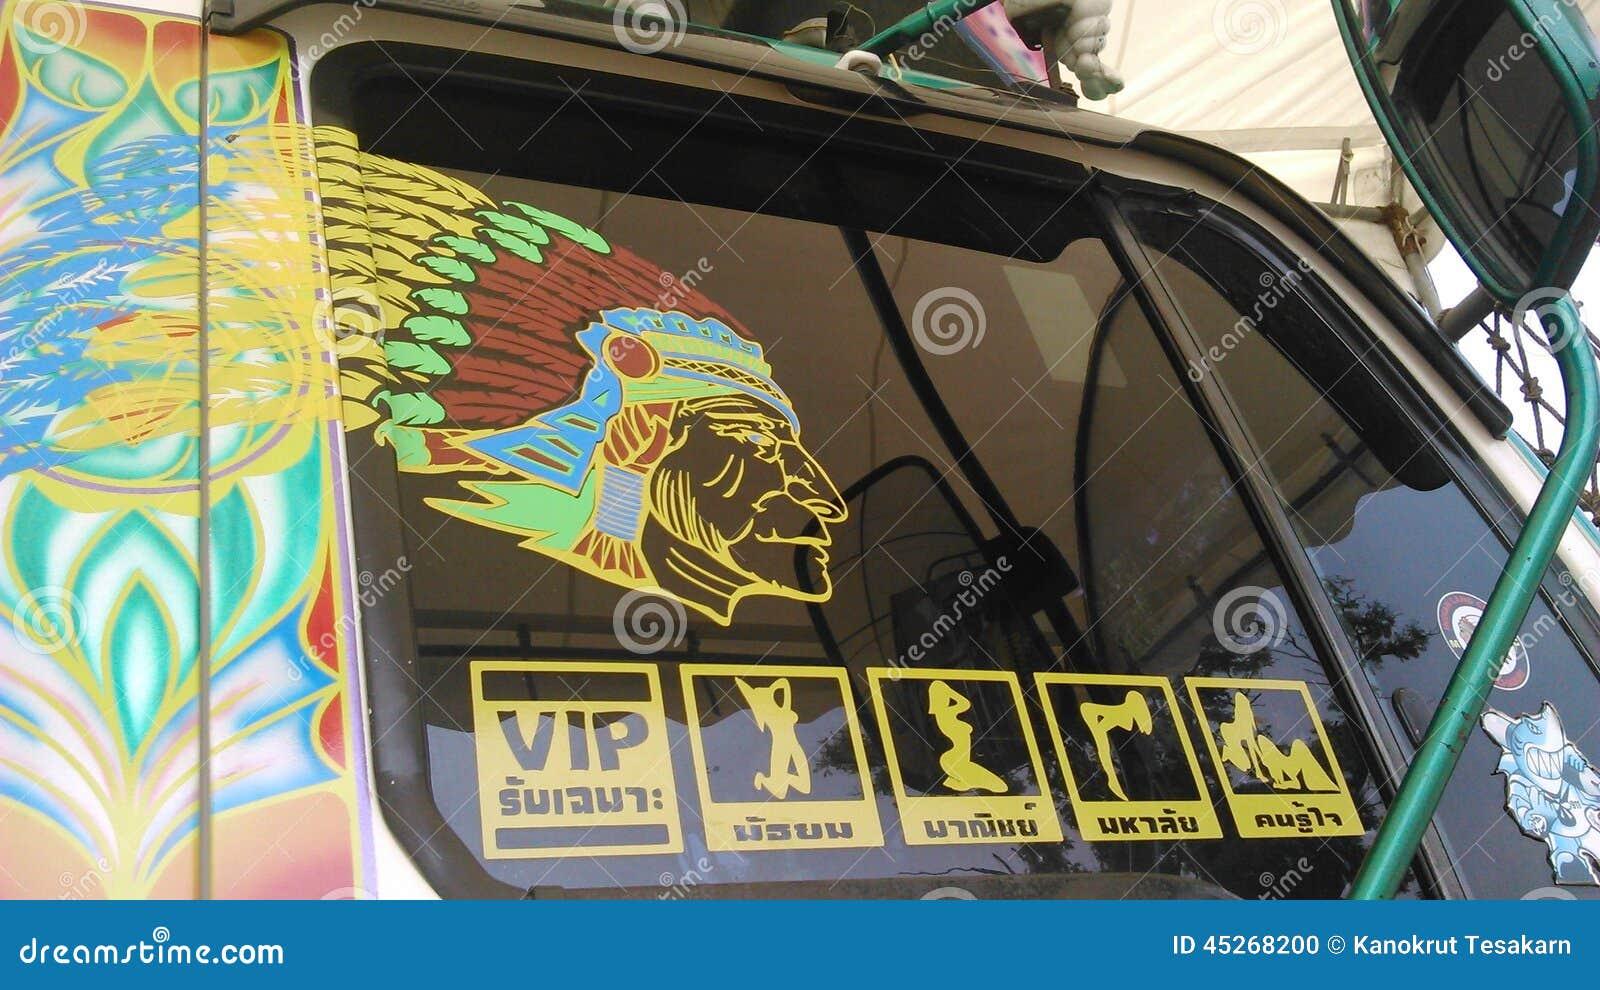 Lustige Und Komische Aufkleber Setzten An Lkw Fenster